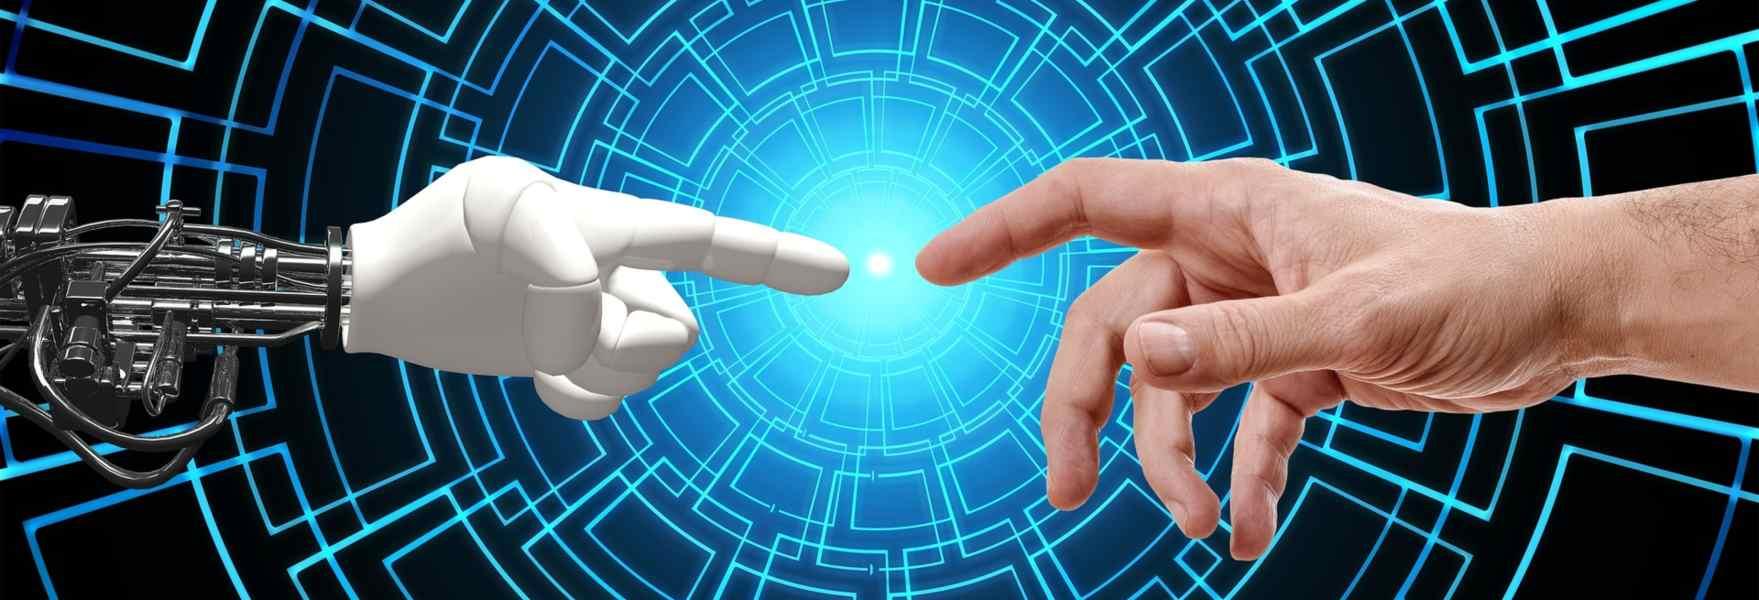 El impacto de la revolución tecnológica - OpenMind